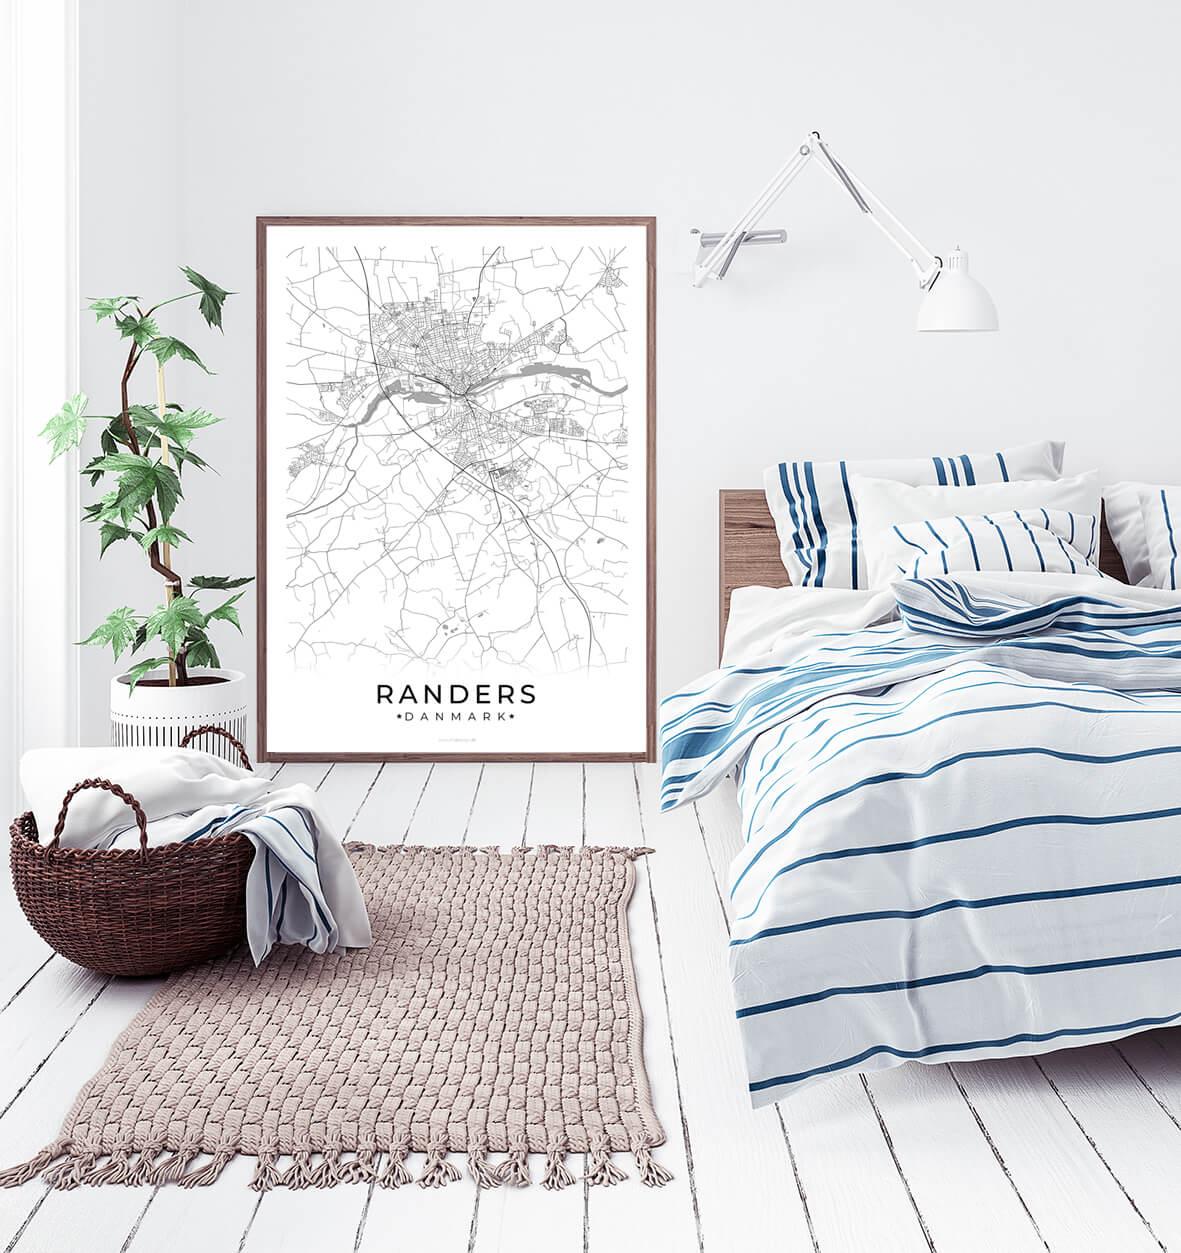 Randers-hvid-byplakat-2